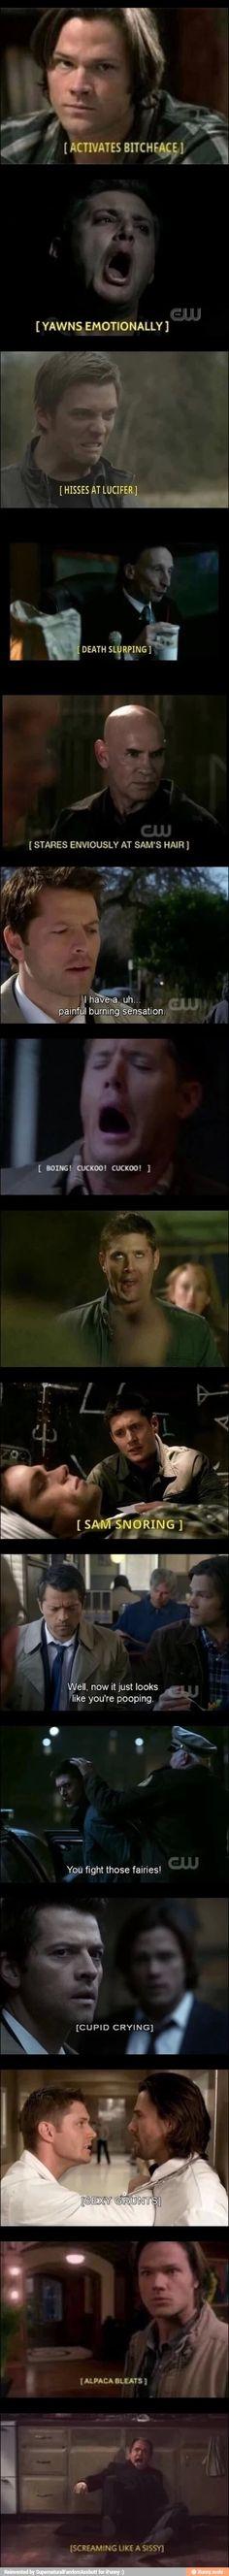 21 Best Supernatural Subtitles images in 2019 | Supernatural